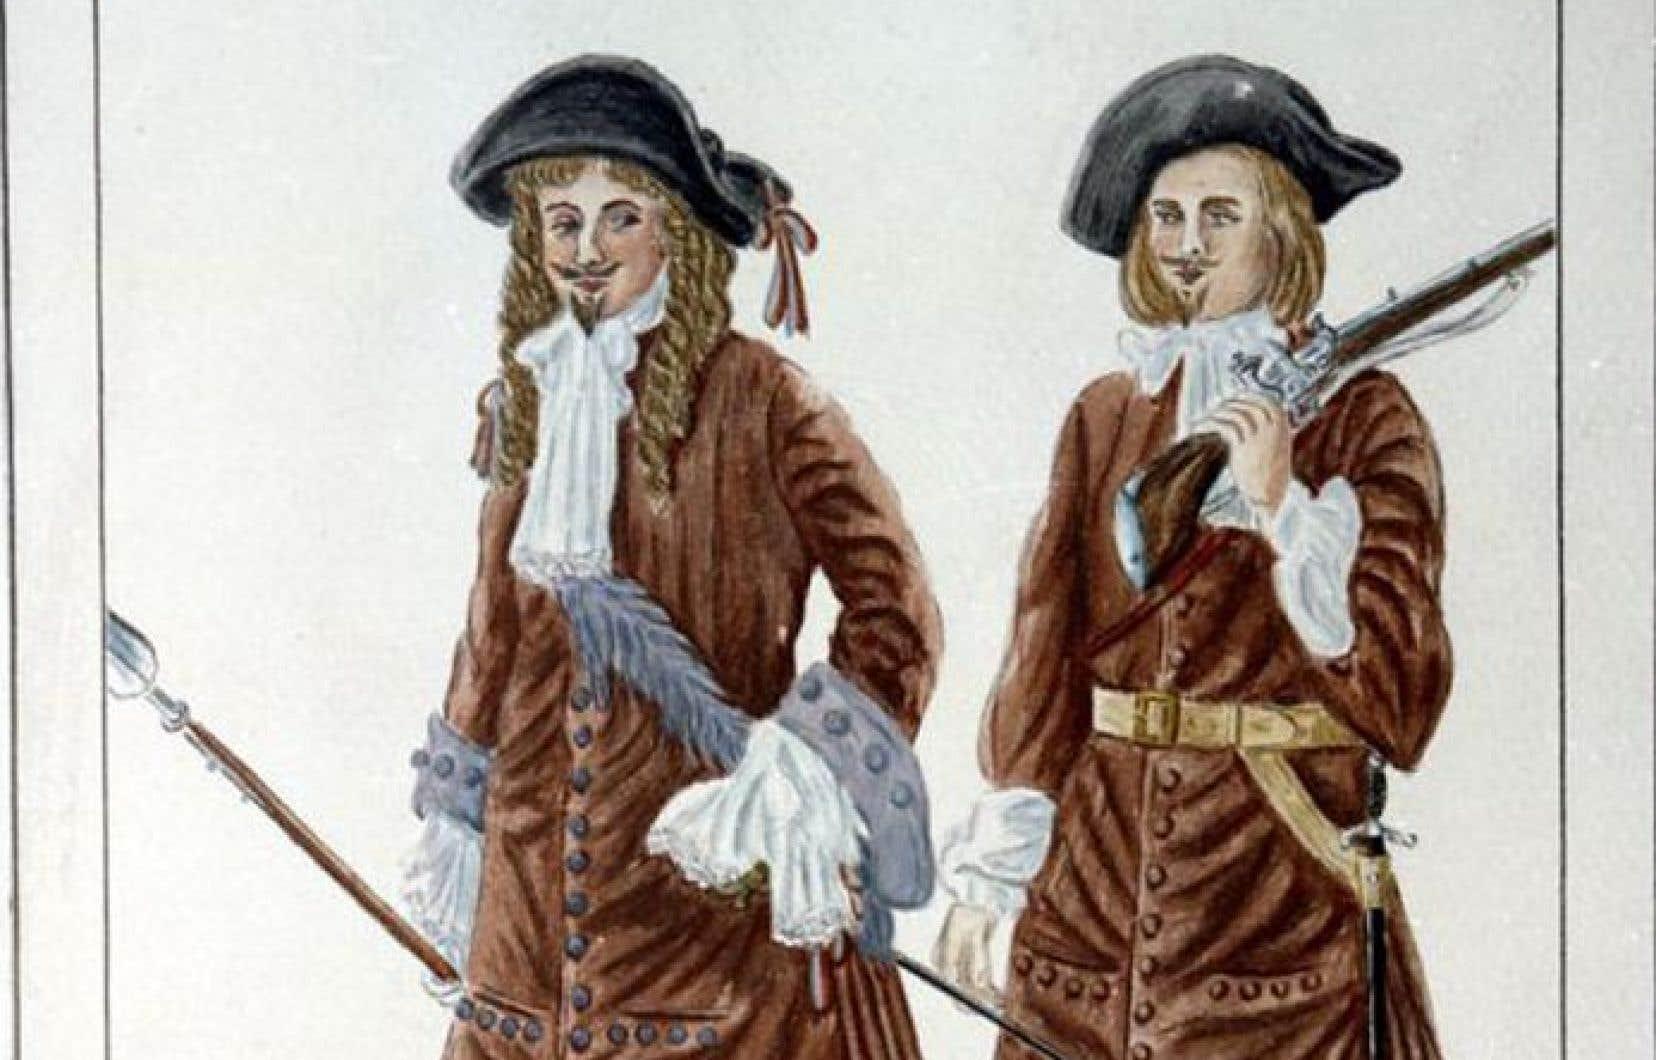 En 1660, 1300 soldats du régiment Carignan-Salières partent conquérir le territoire au bénéfice d'une société qui ne compte alors guère plus de 3500 personnes.